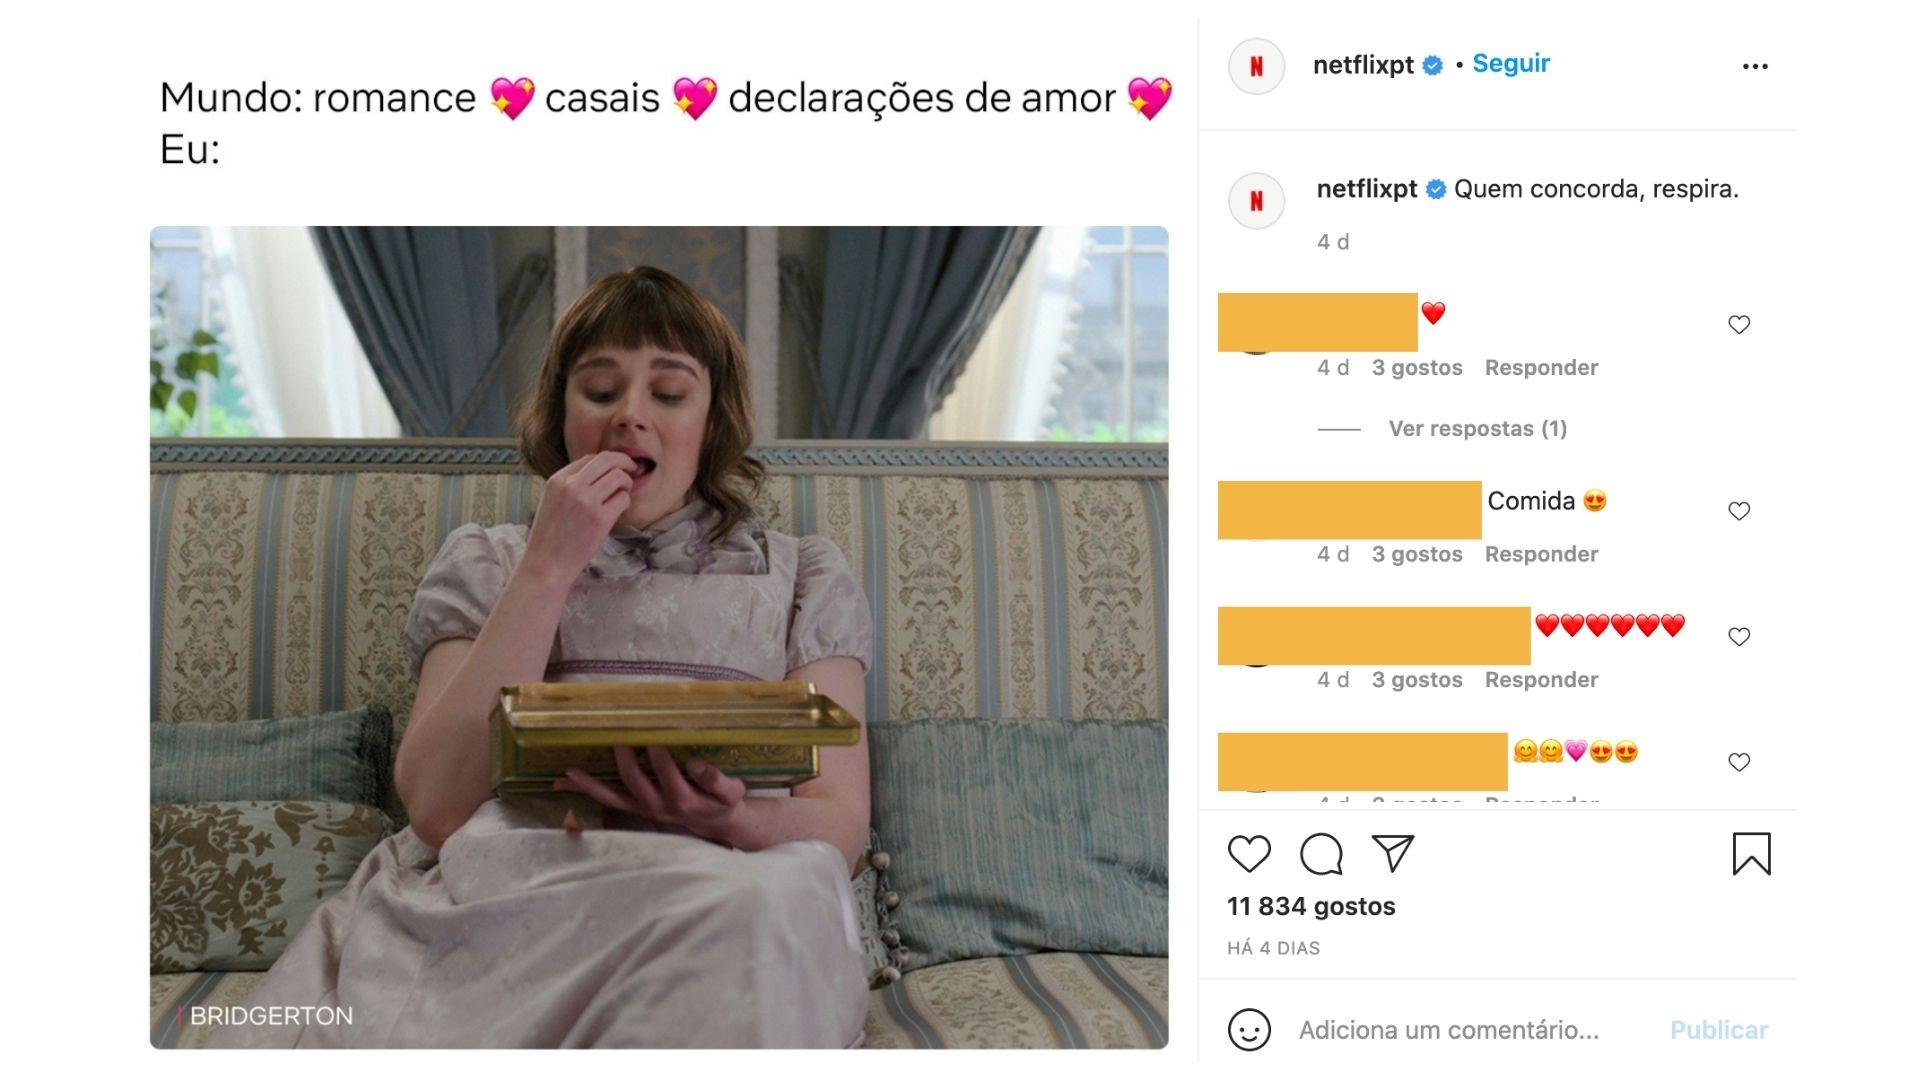 Publicação do instagram da netflix